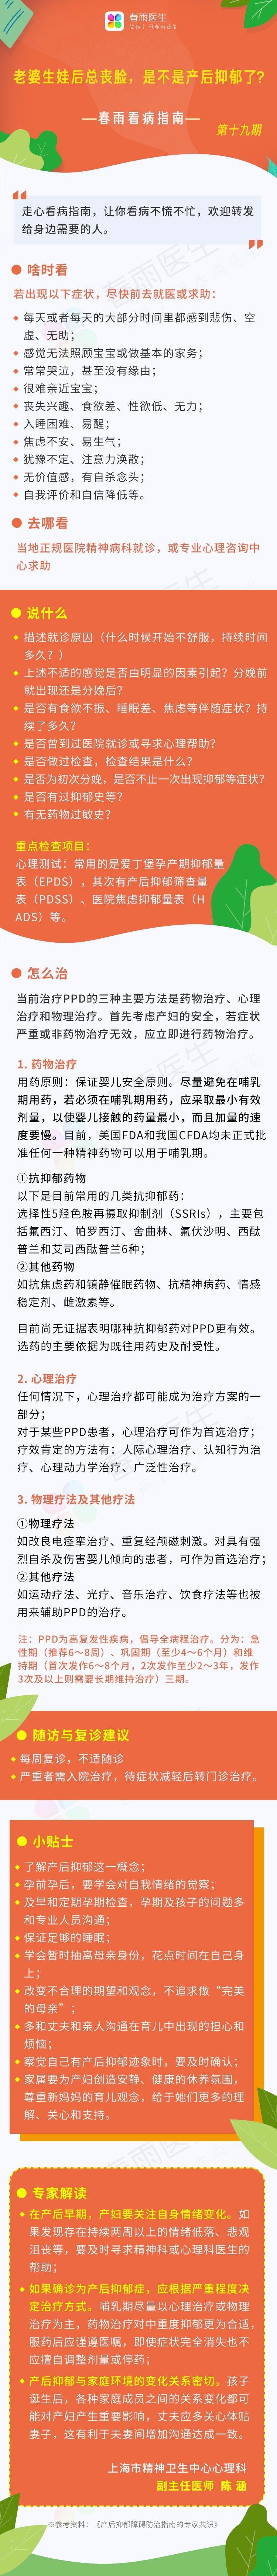 春雨看病指南-第19期.jpg